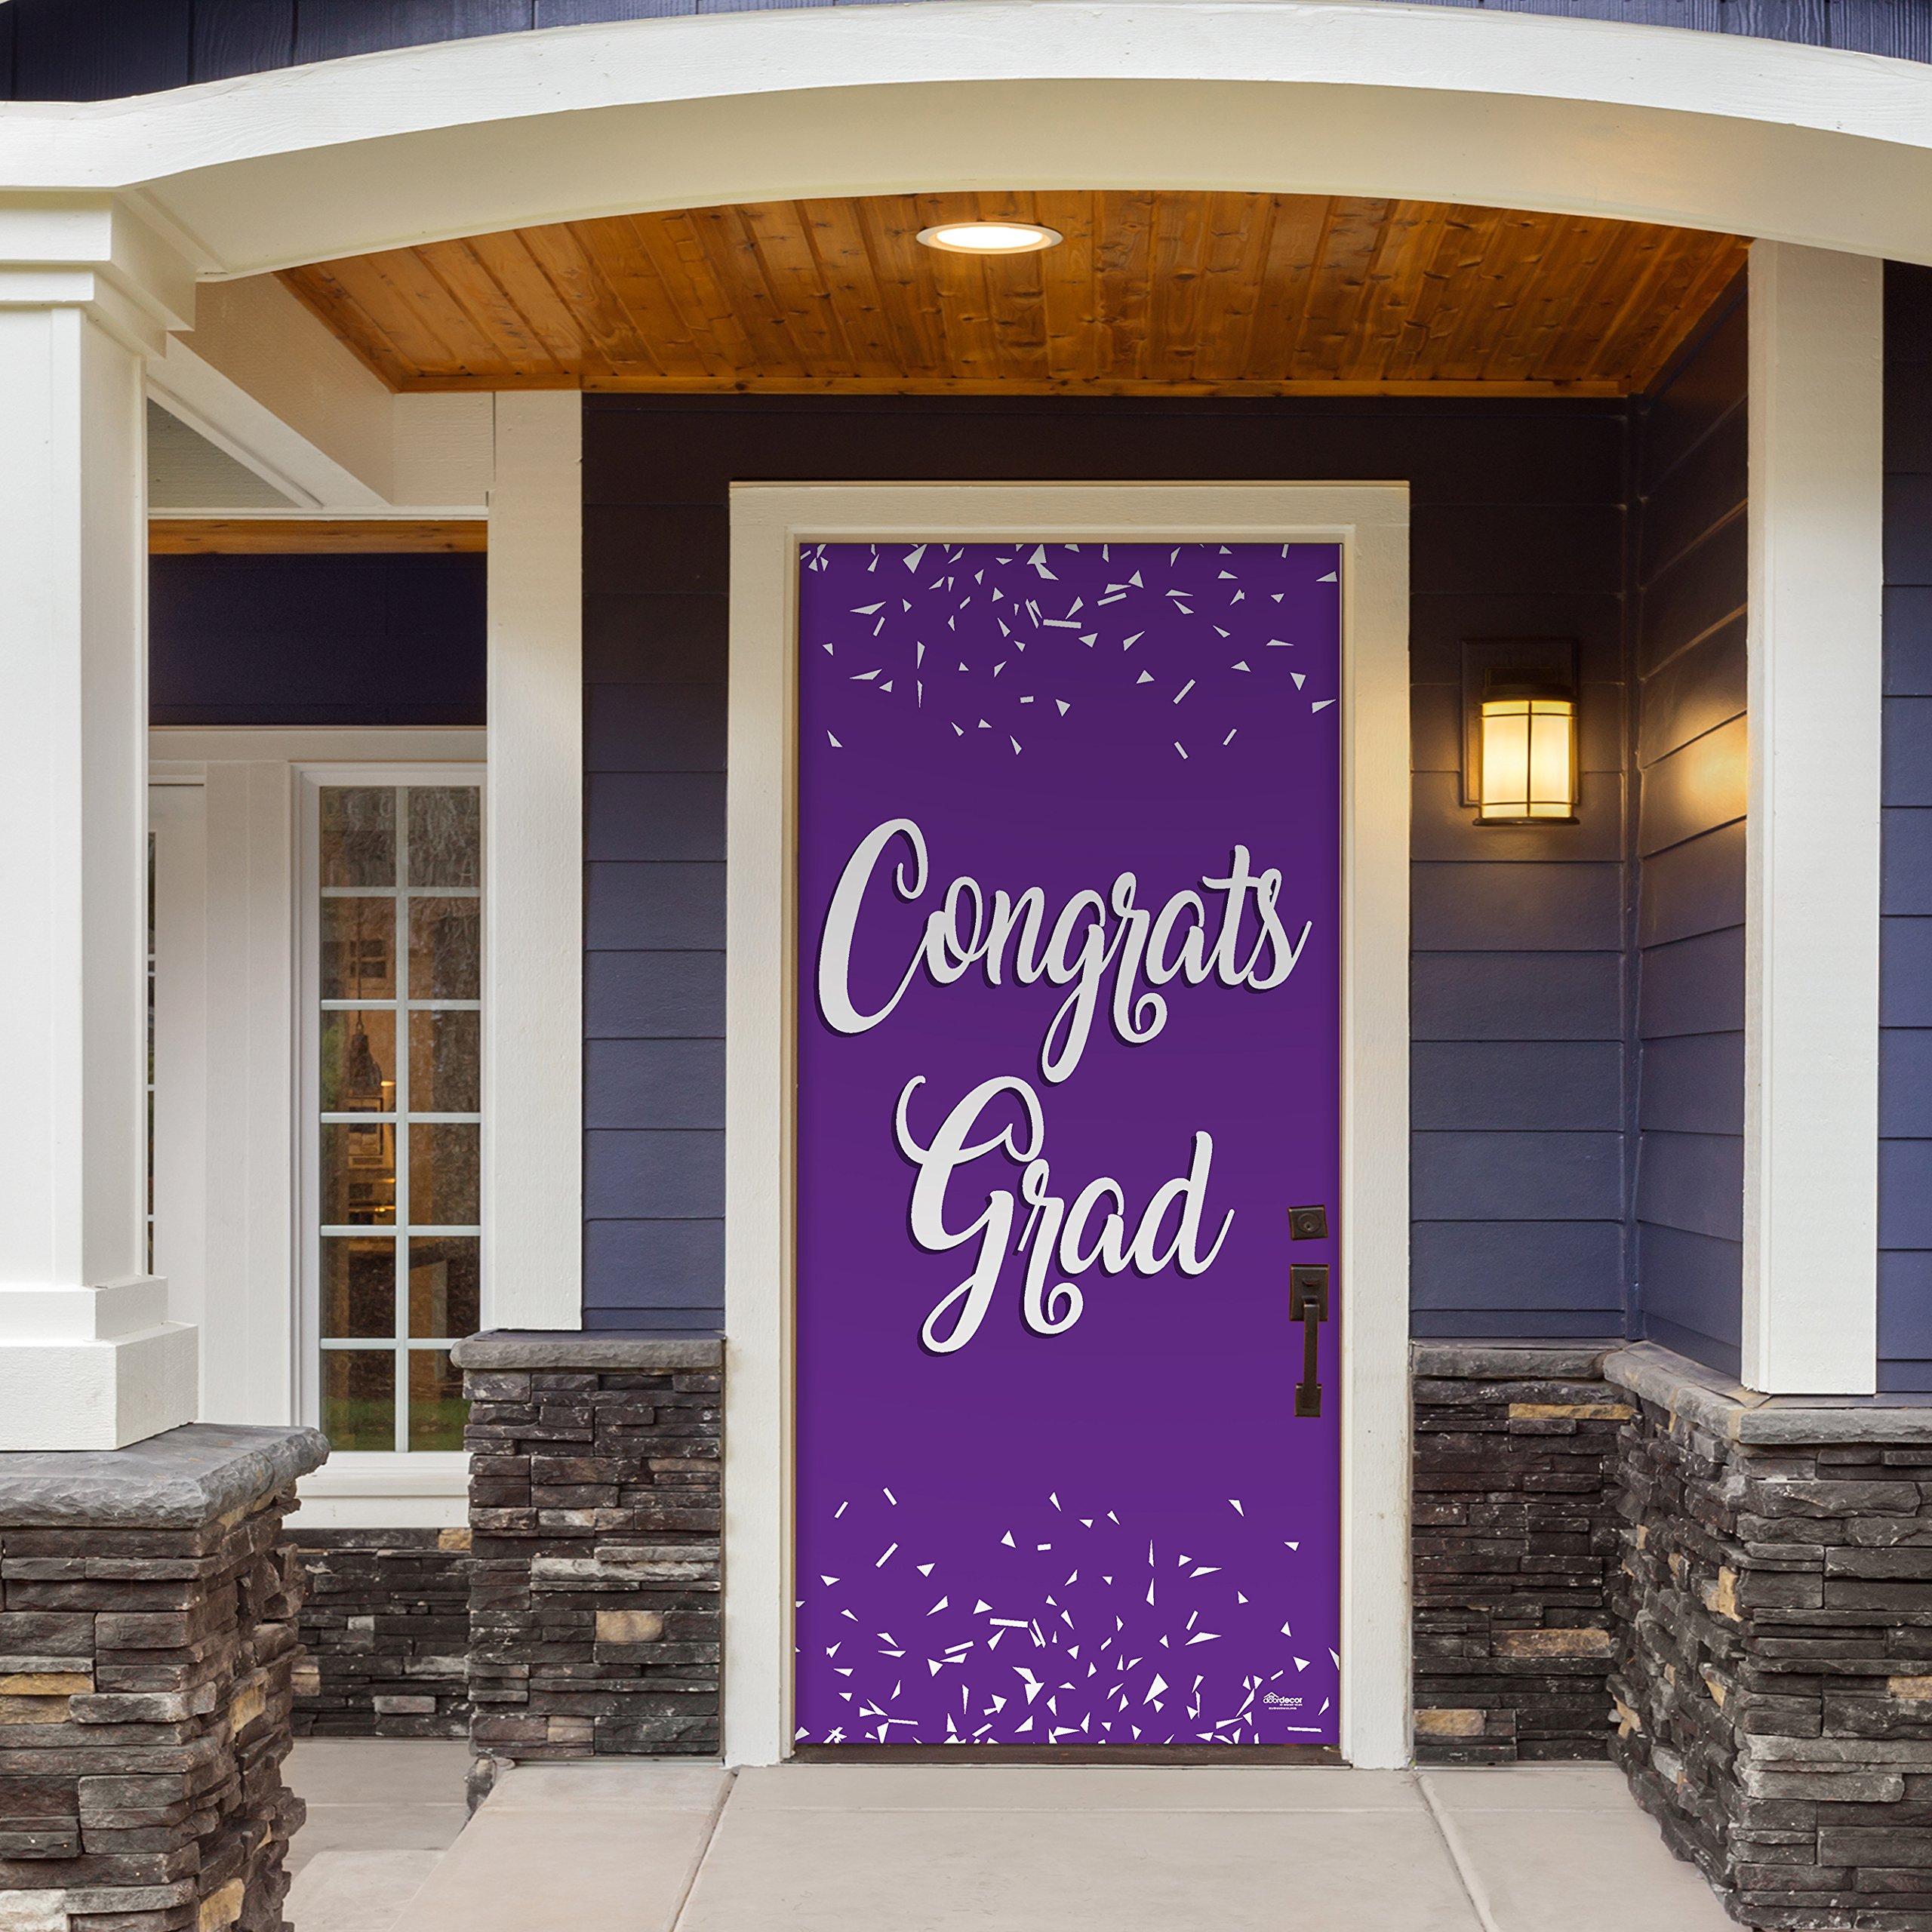 Victory Corps Congrats Grad Purple - Outdoor GRADUATION Garage Door Banner Mural Sign Décor 36'' x 80'' One Size Fits All Front Door Car Garage -The Original Holiday Front Door Banner Decor